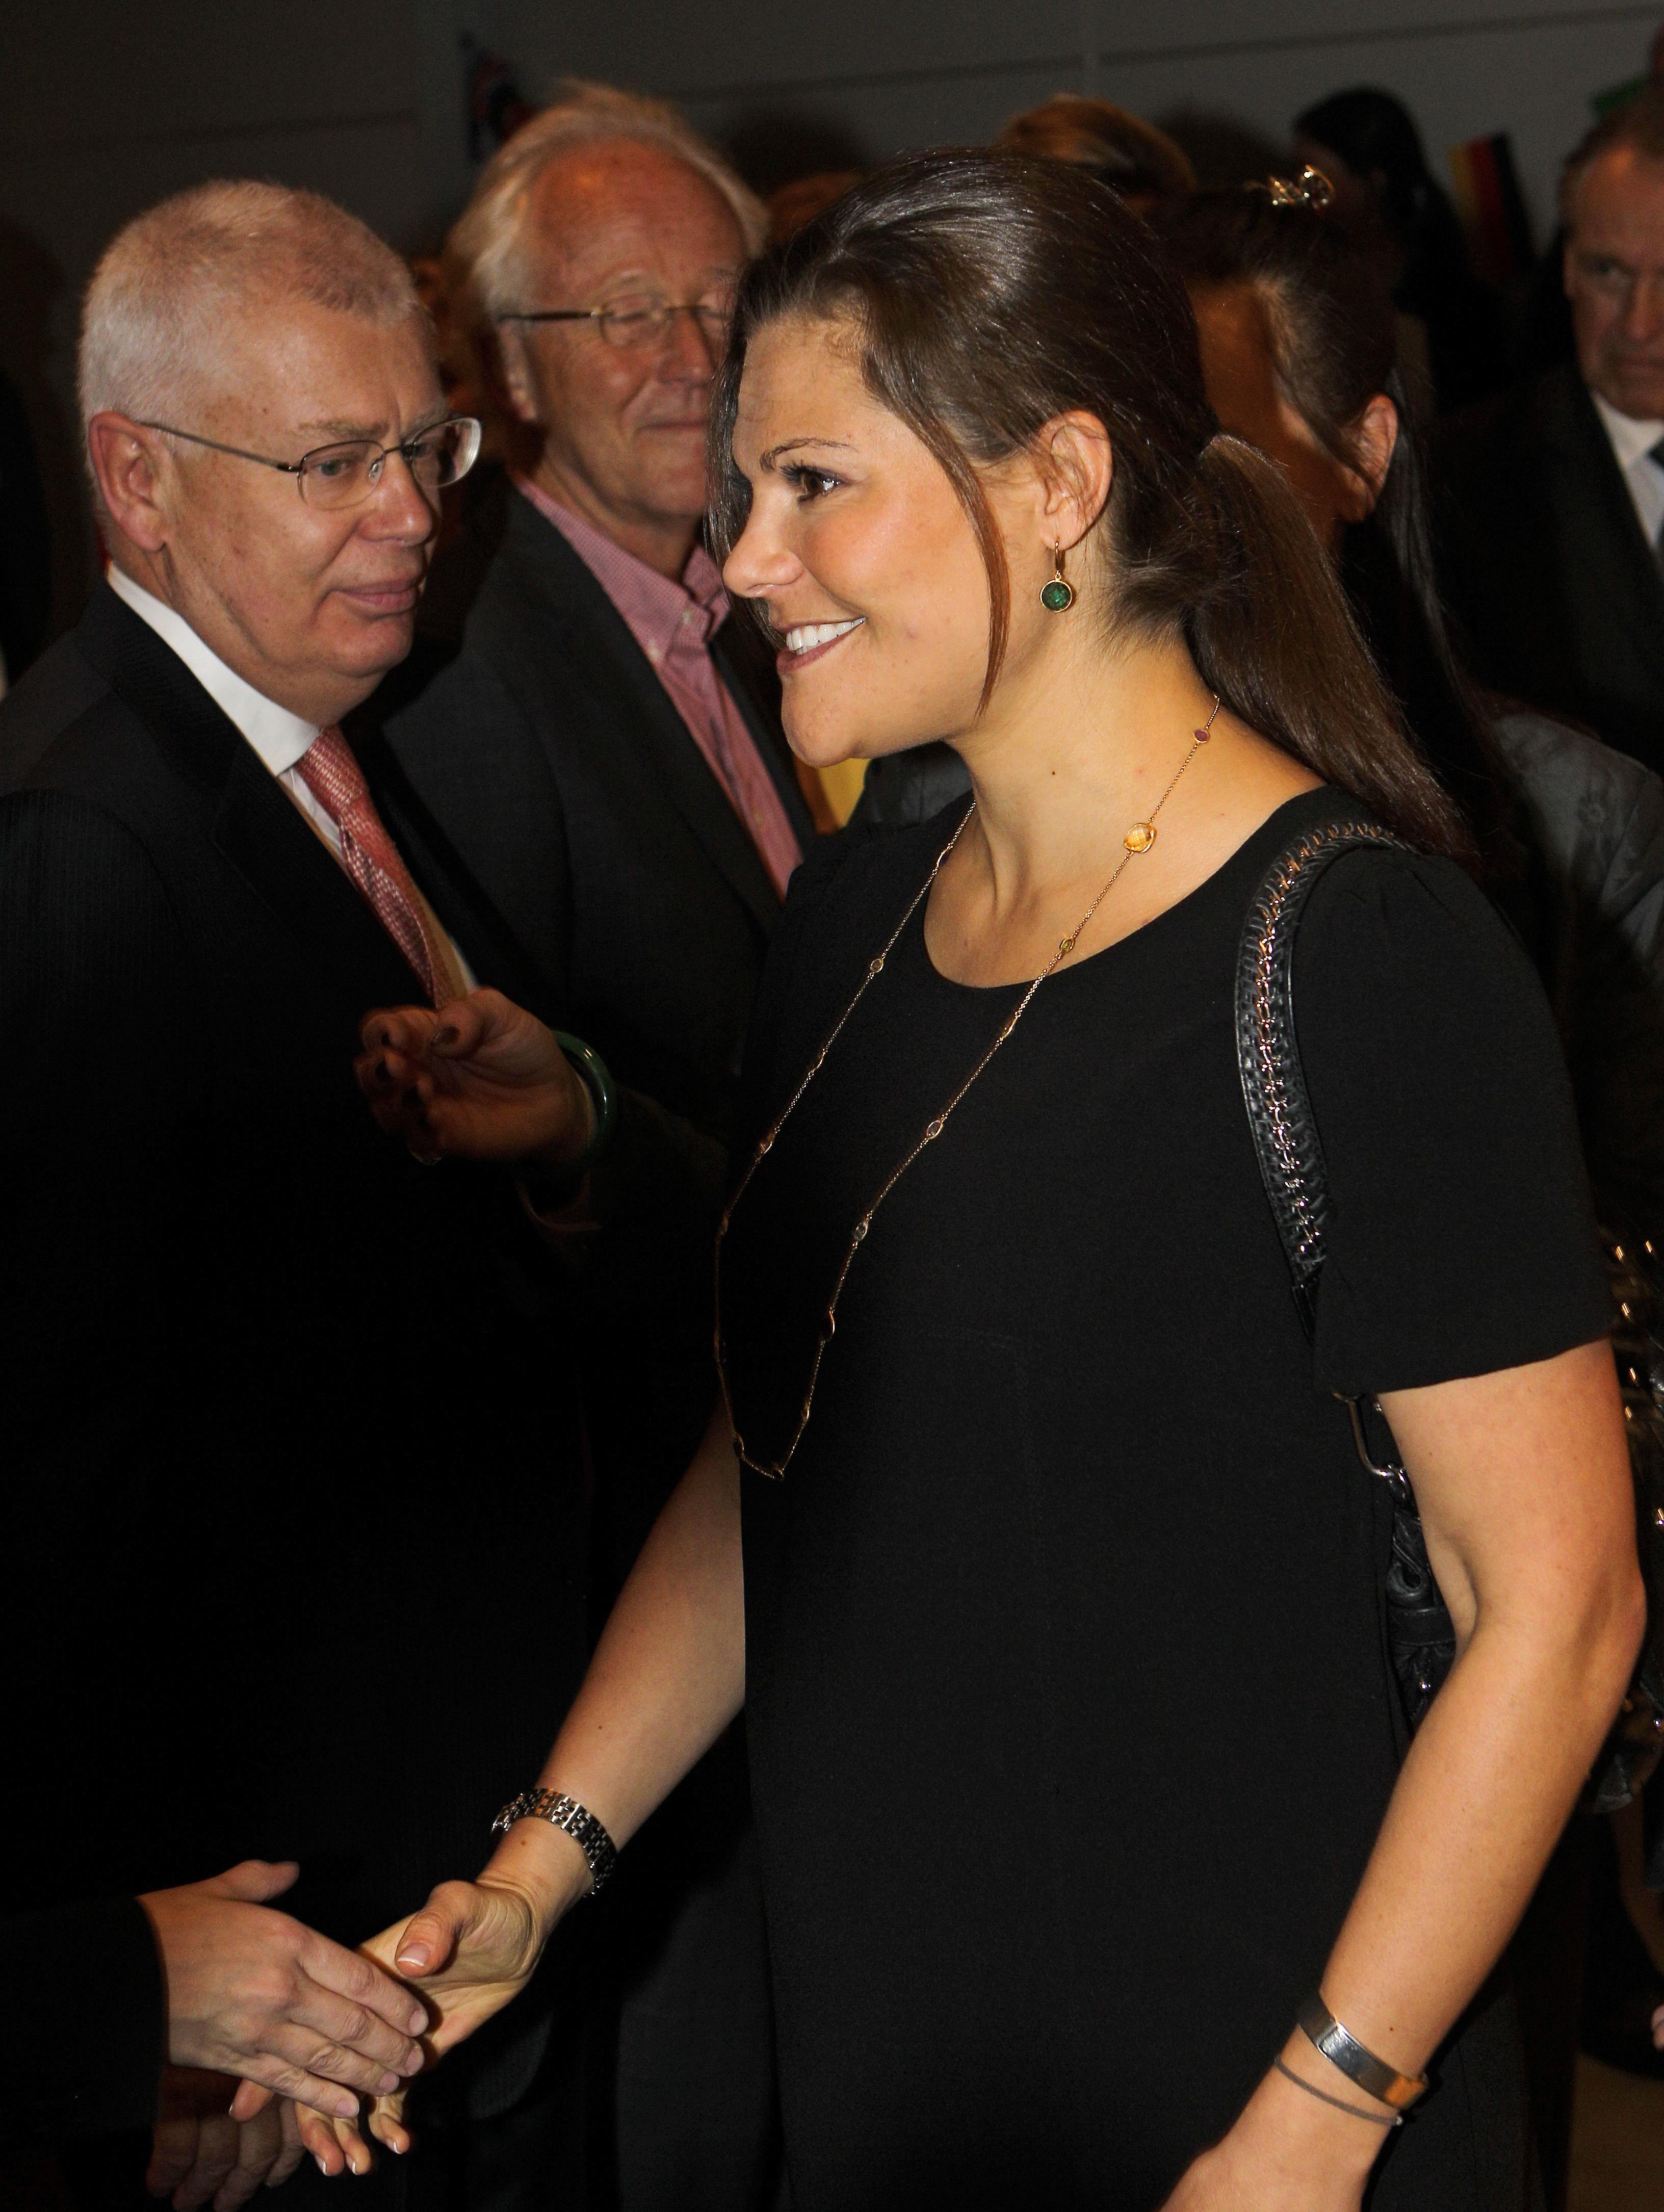 414d02787b0 Kronprinsessan Victoria handlar gärna lite billigare kläder som kombination.